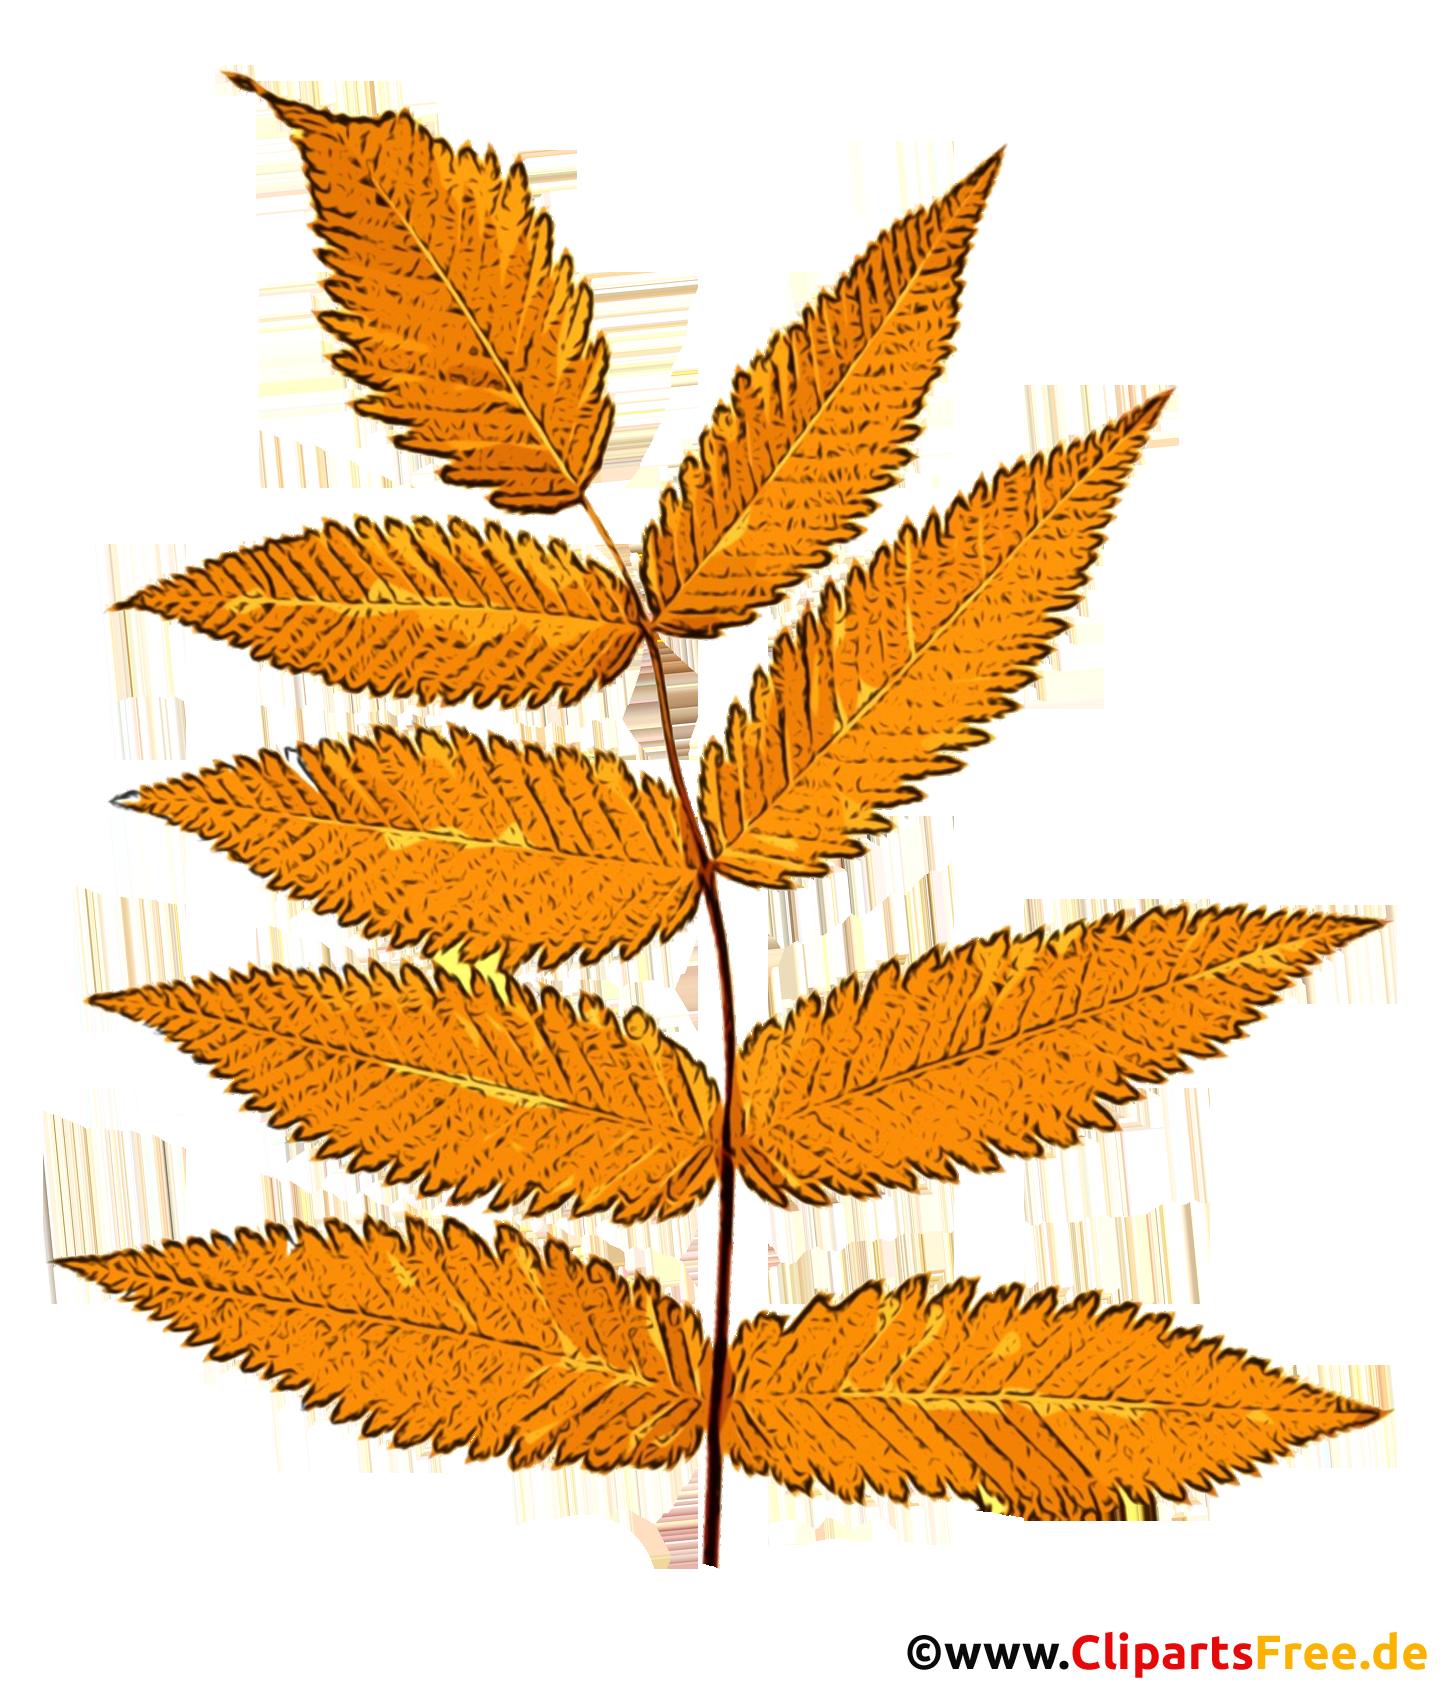 Gelbe Eberescheblätter - Herbst Illustrationen kostenlos